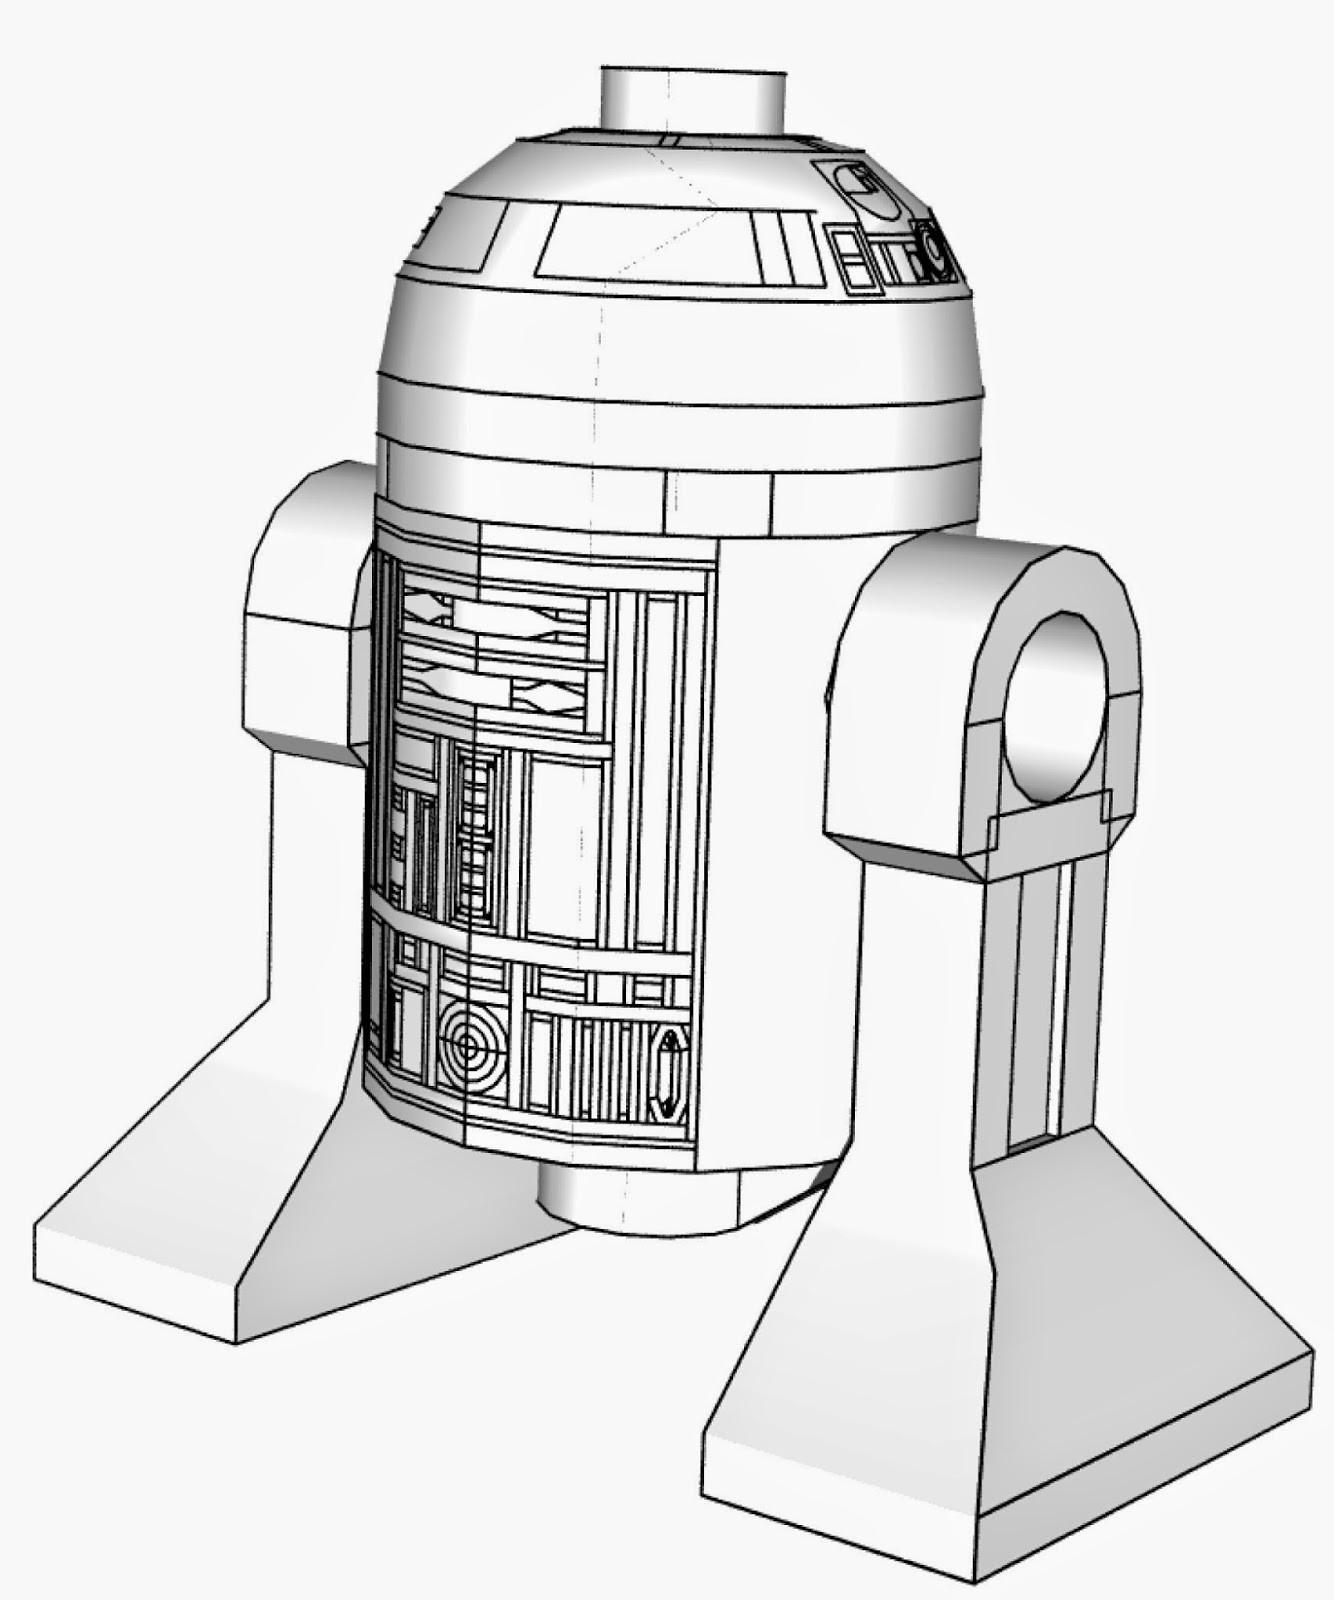 Ausmalbilder Star Wars Lego  Ausmalbilder zum Ausdrucken Ausmalbilder Lego Star Wars